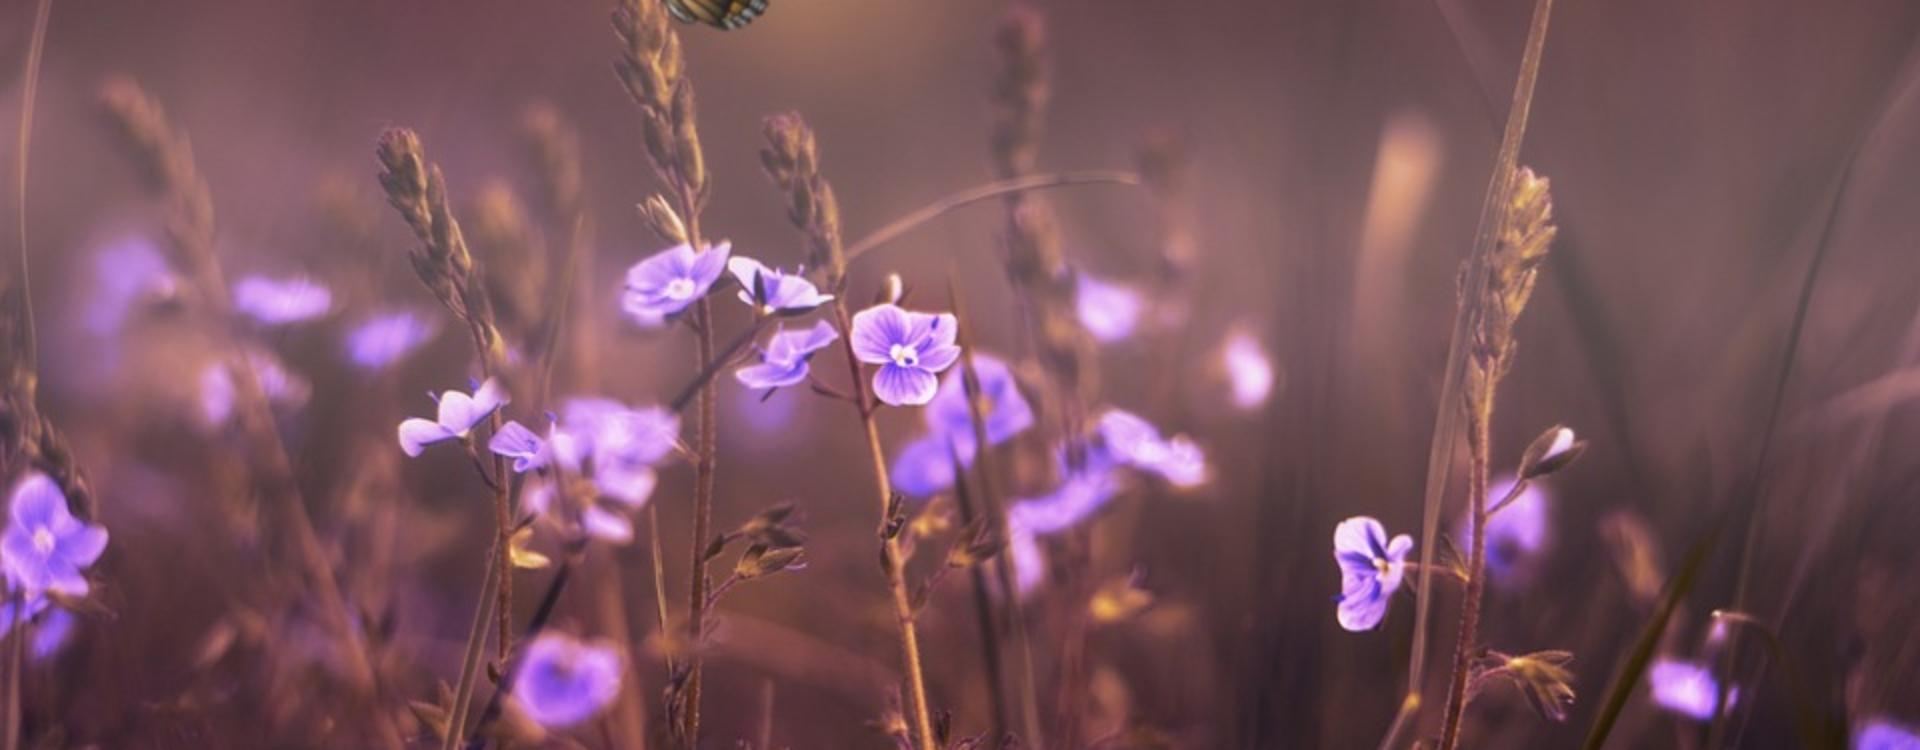 papillon_fleurs_violettes